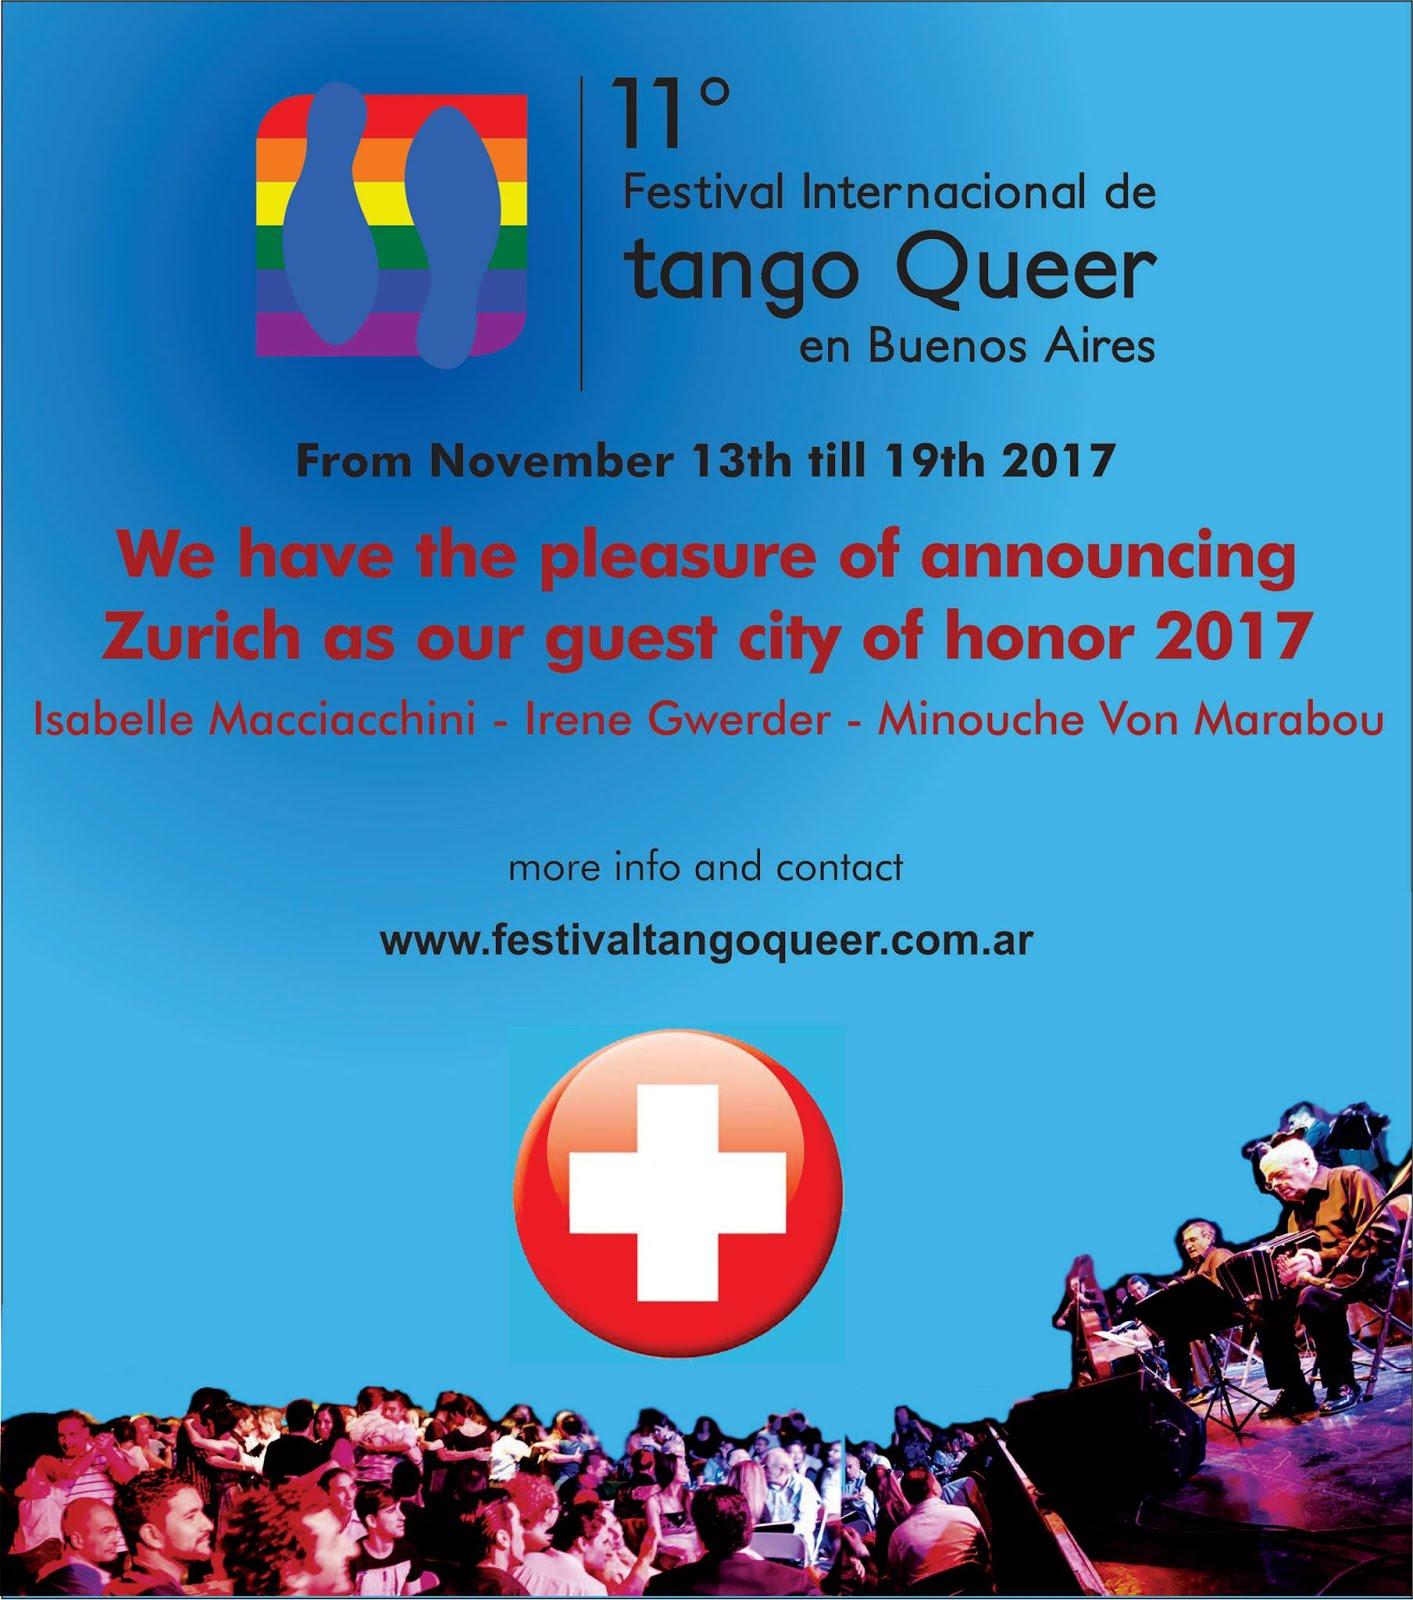 FESTIVAL INTERNACIONAL DE TANGO QUEER DE BUENOS AIRES